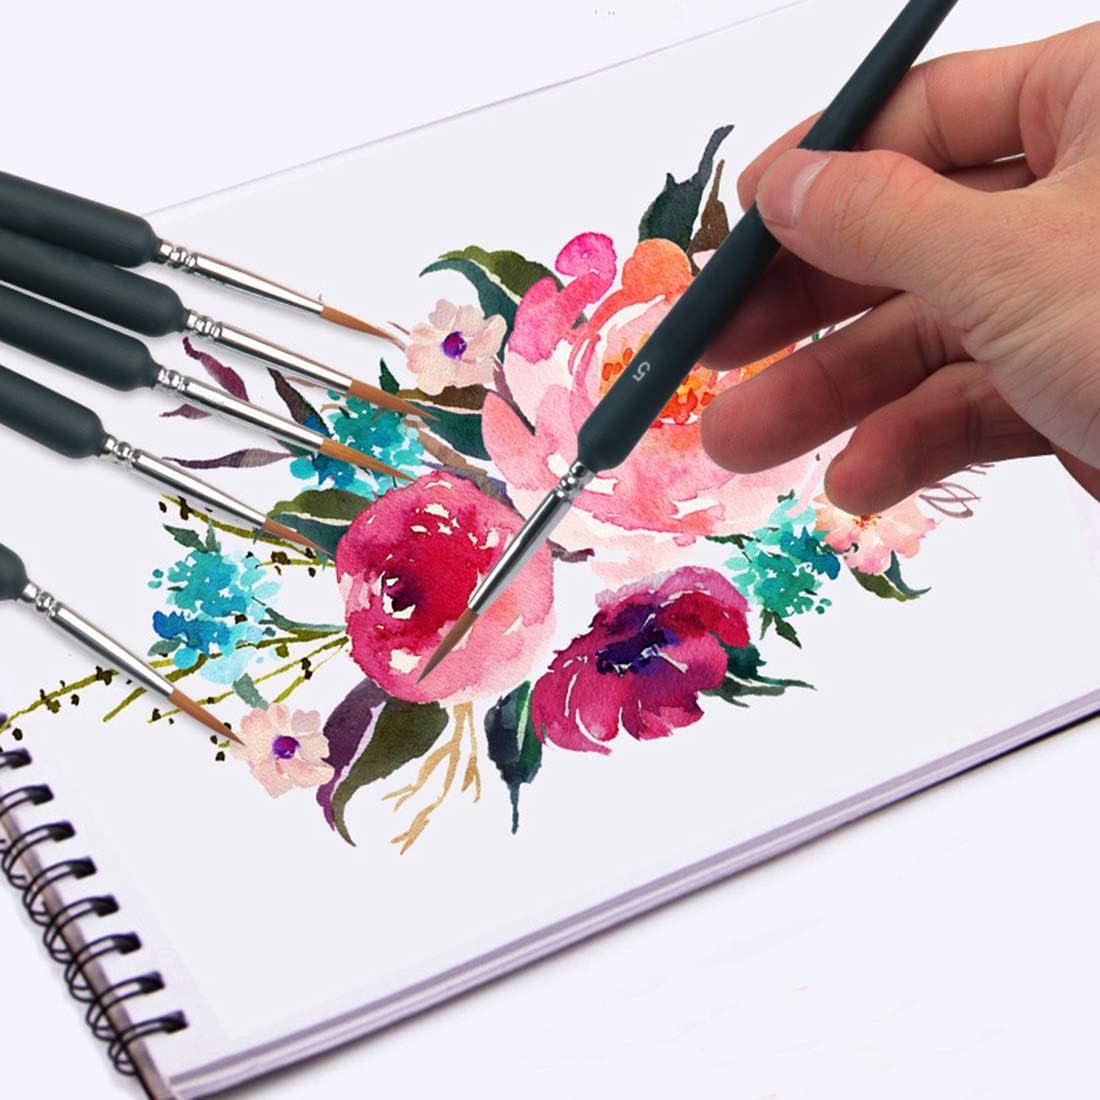 Noir O-Kinee D/étail Pinceau 10pcs Peinture Pinceaux Acrylique ave 1 Palettes Pinceaux Peinture pour La Peinture /à Laquarelle Gouache et Acrylique,Ld/éal pour des d/étails Minutieux et Finition